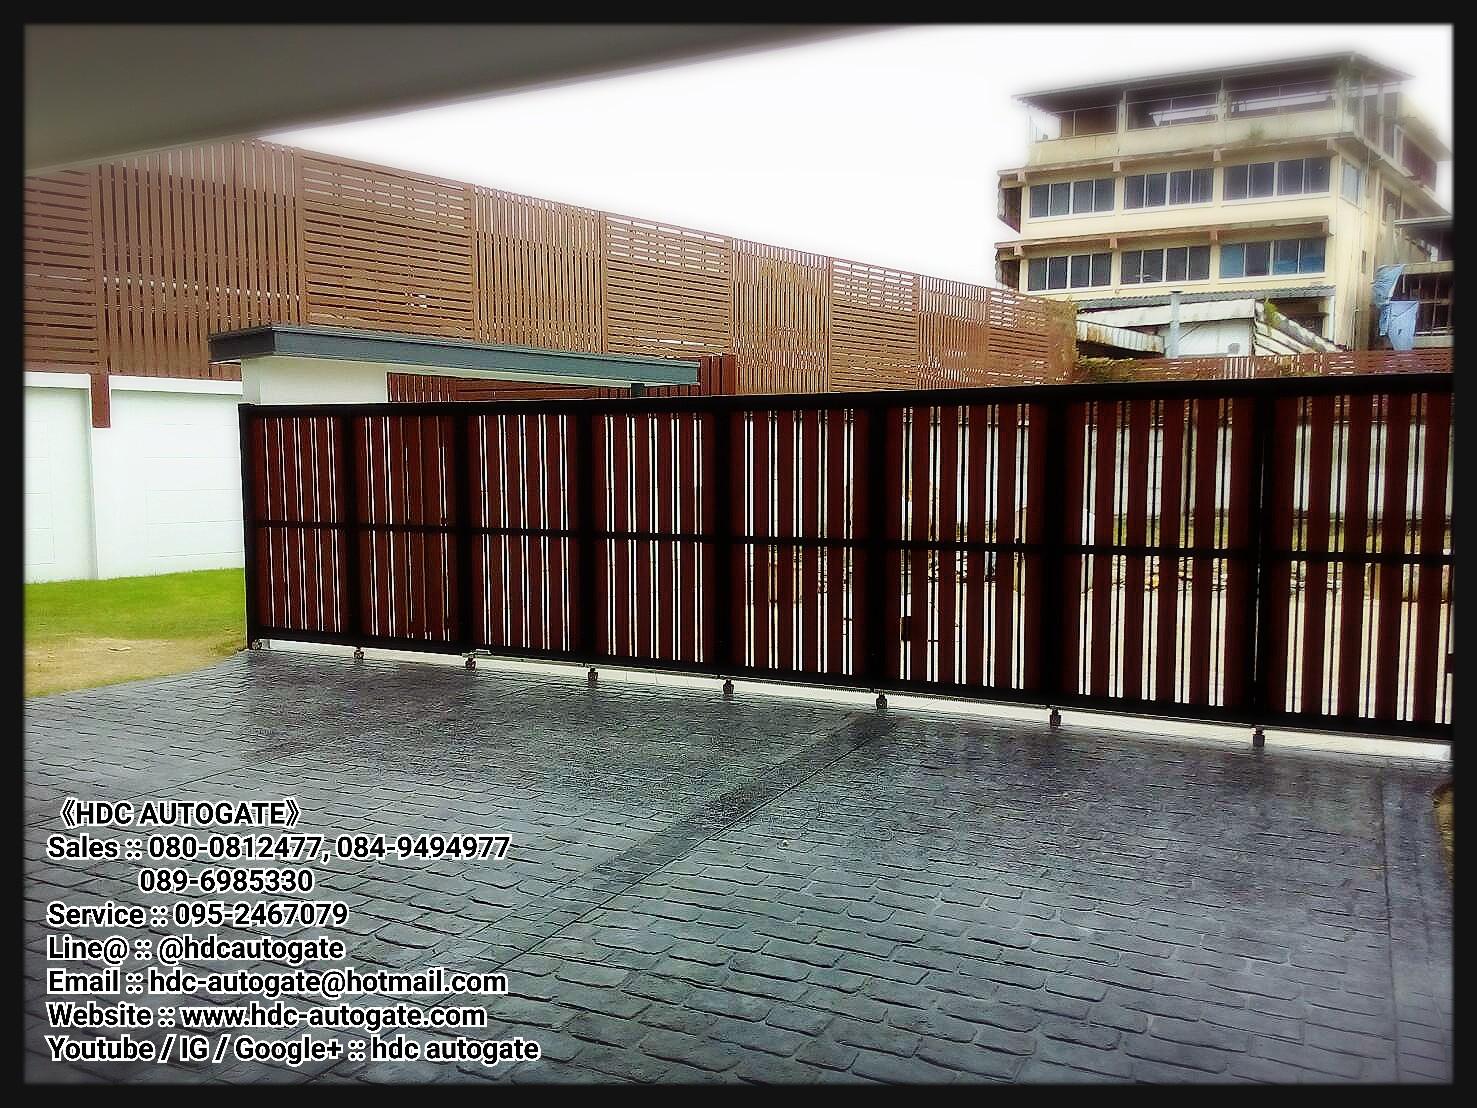 ผลงานออกแบบ ผลิตประตูรั้วบานเลื่อนโค้งและติดตั้งมอเตอร์บานเลื่อนโค้ง หมู่บ้านแอทเทอร่าไพรส์ พระราม2 แปลง 7B